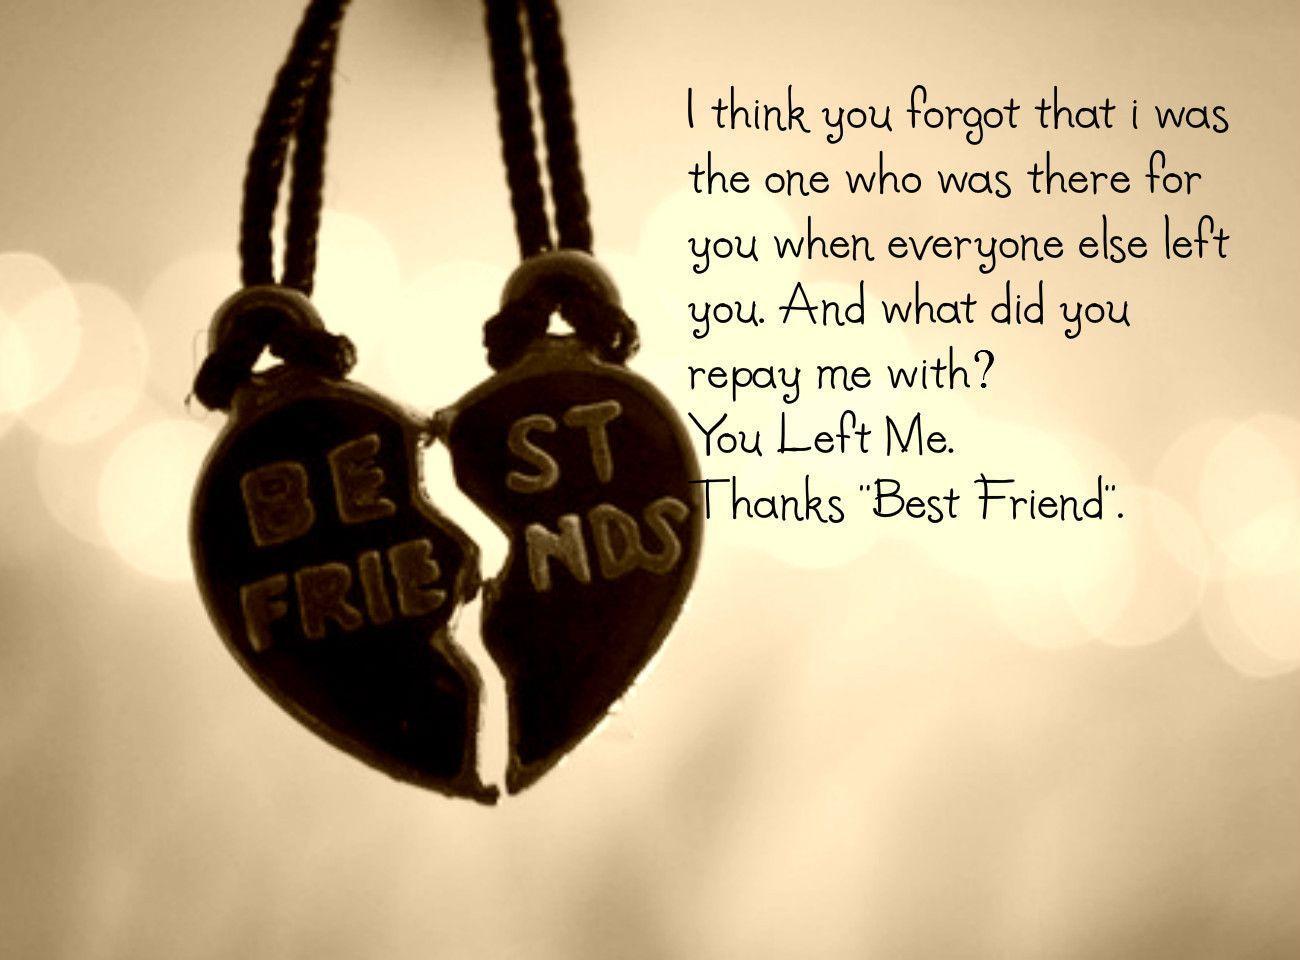 1300x960 Best Friend Quotes, Tải xuống hình ảnh HD tuyệt vời tốt nhất